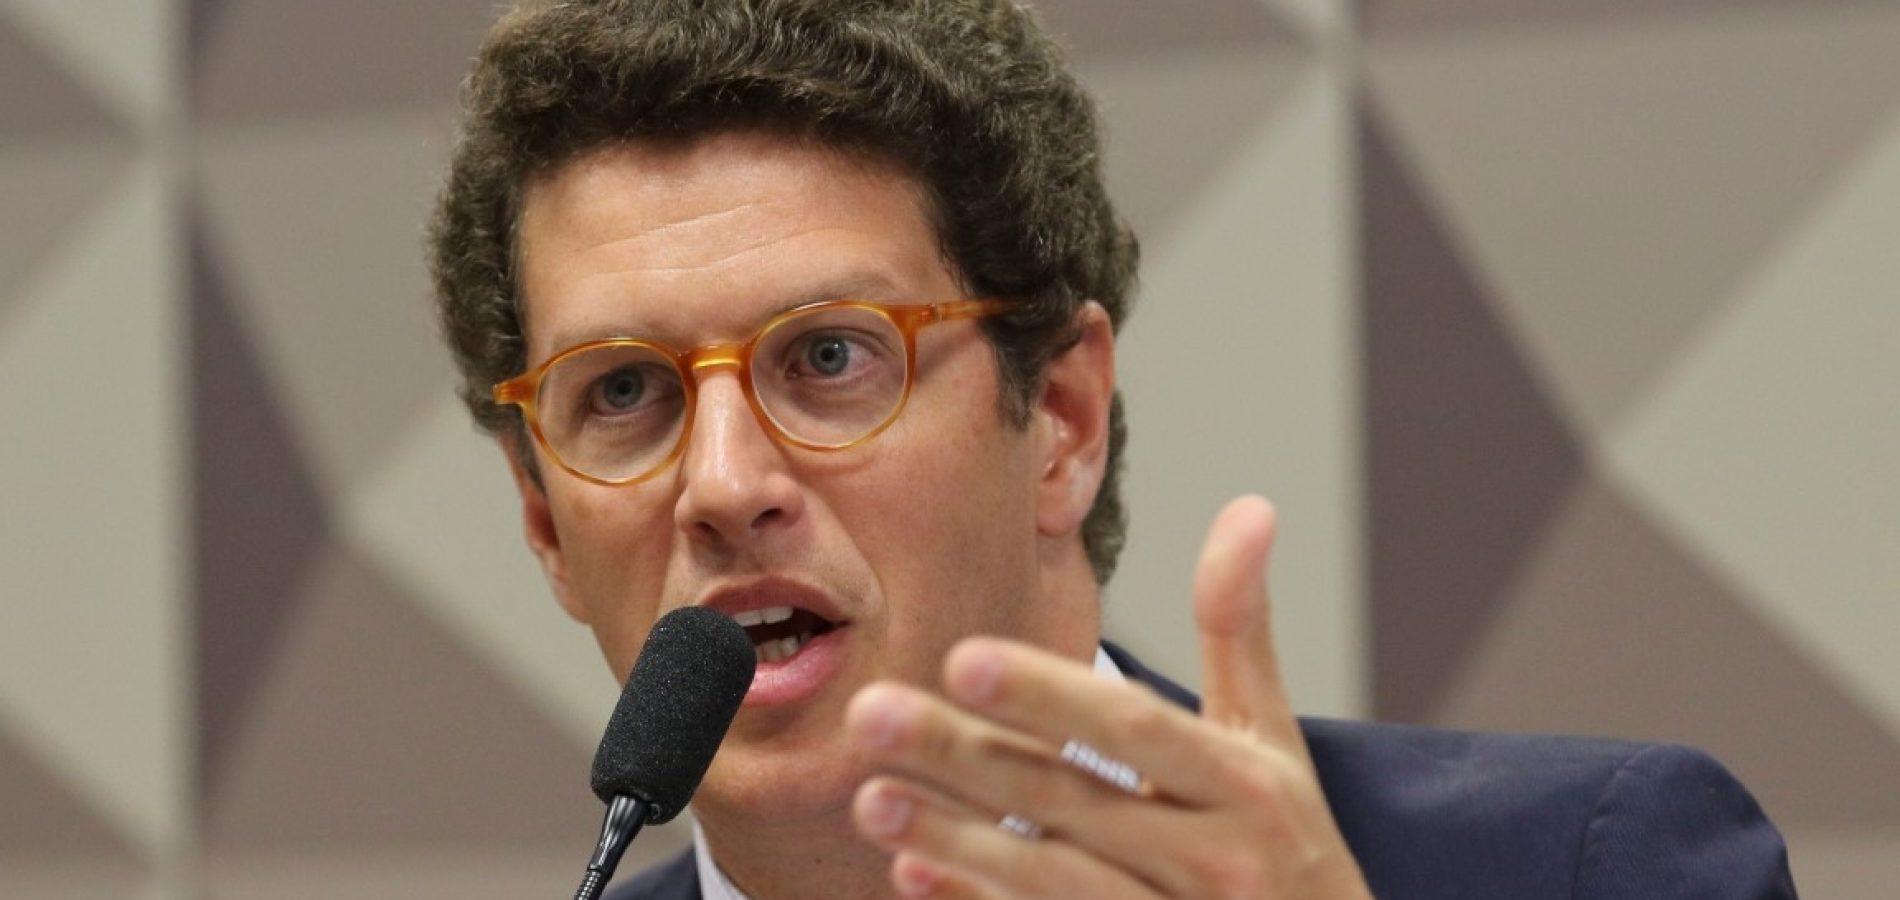 MPF pede o afastamento imediato de Ricardo Salles do cargo de ministro do Meio Ambiente